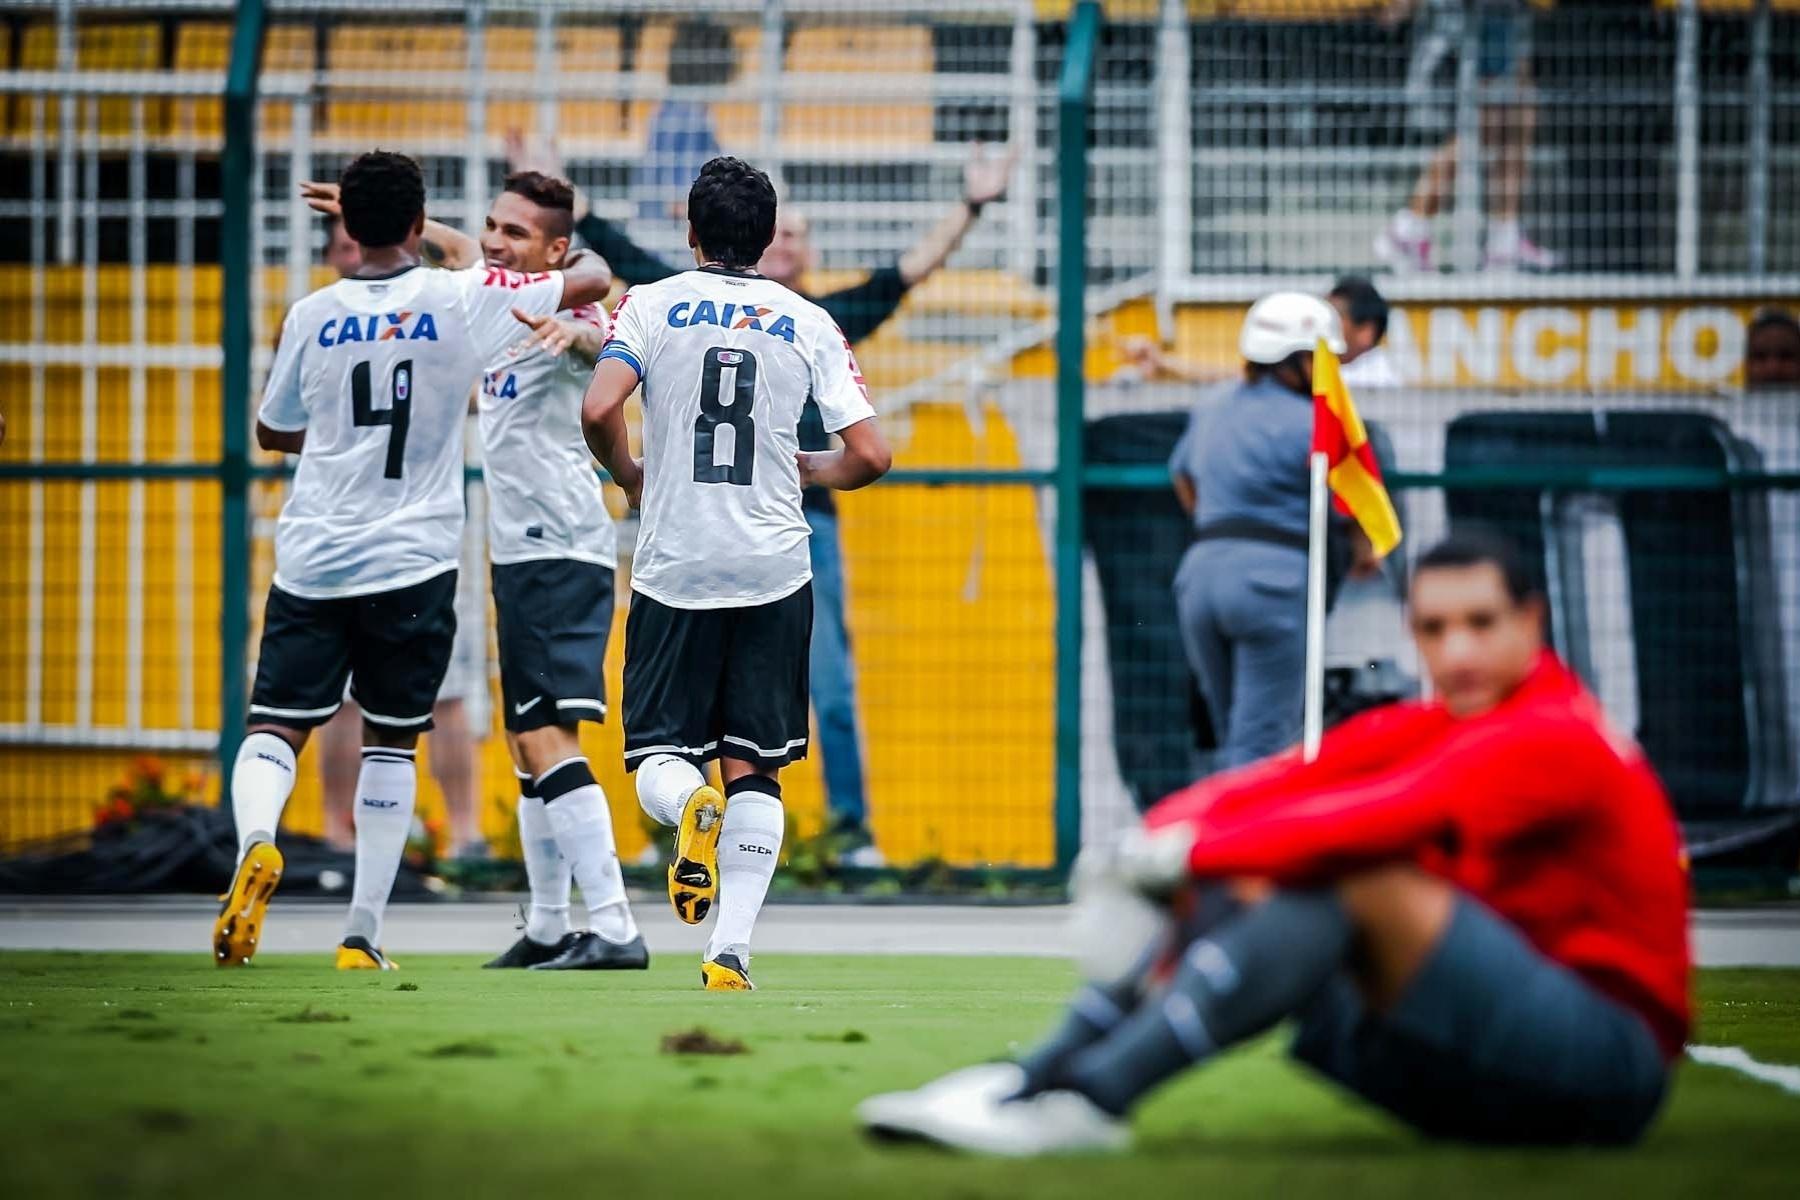 09.fev.2013- Jogadores do Corinthians comemoram gol de Guerrero contra o São Caetano no Pacaembu. Fábio Costa lamenta